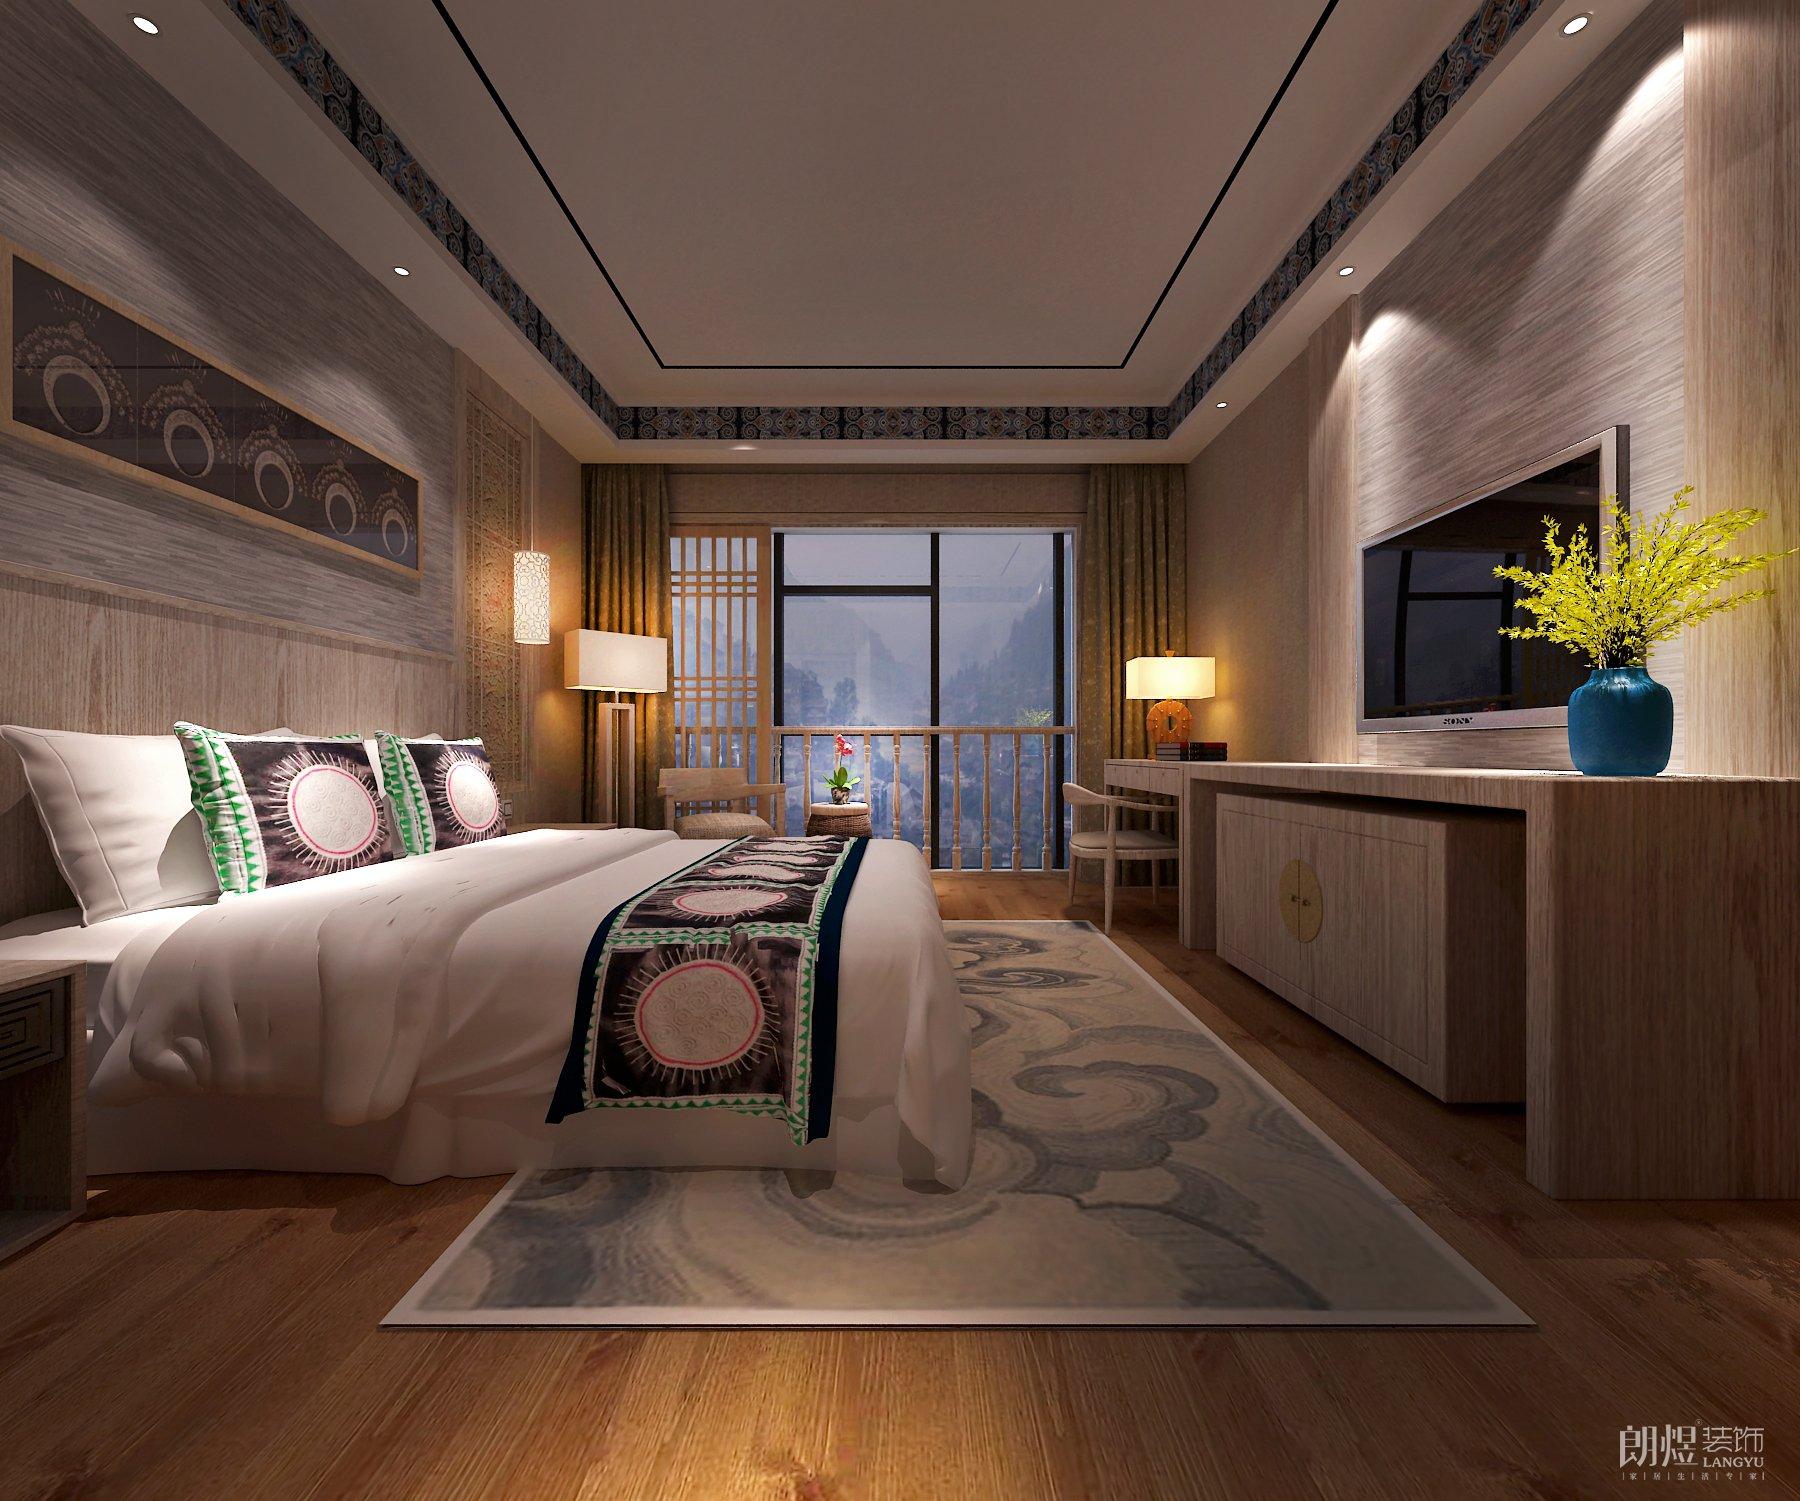 55+1民宿酒店装修效果图